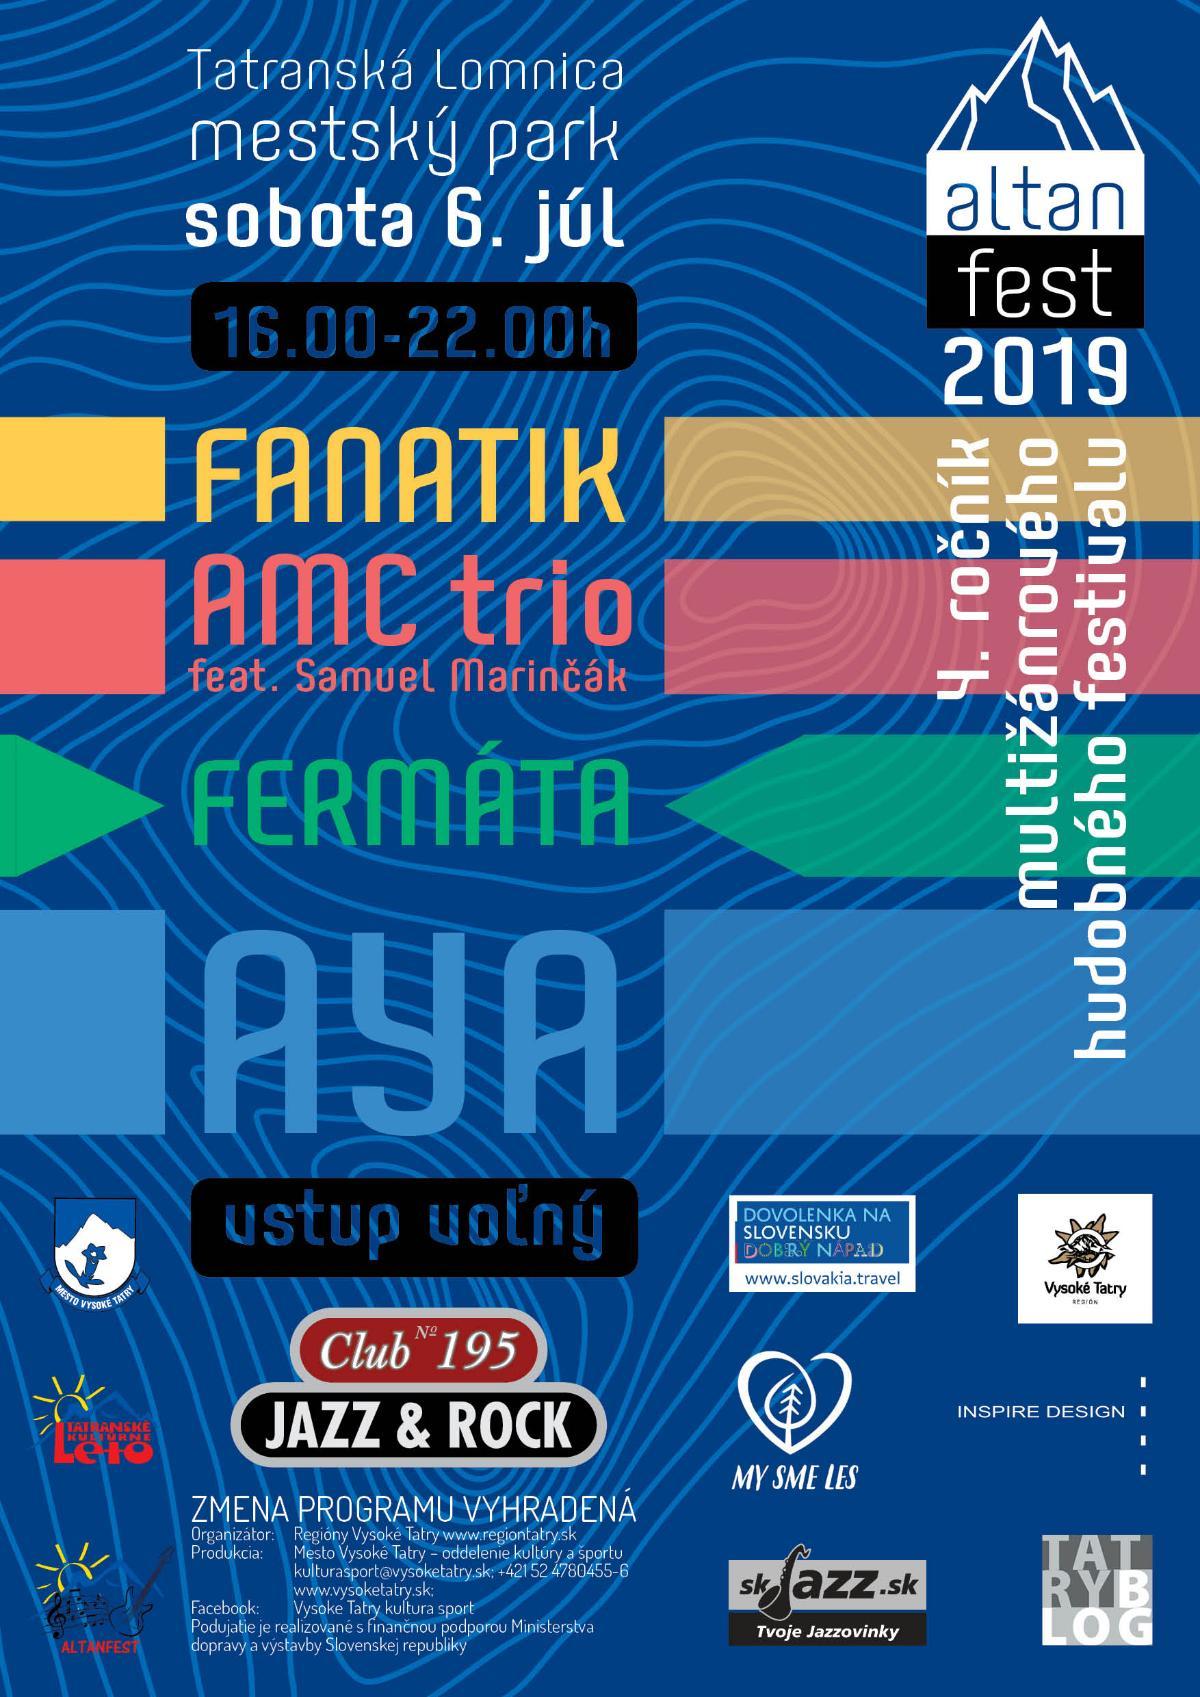 AltanFest 2019 (aktualizované)